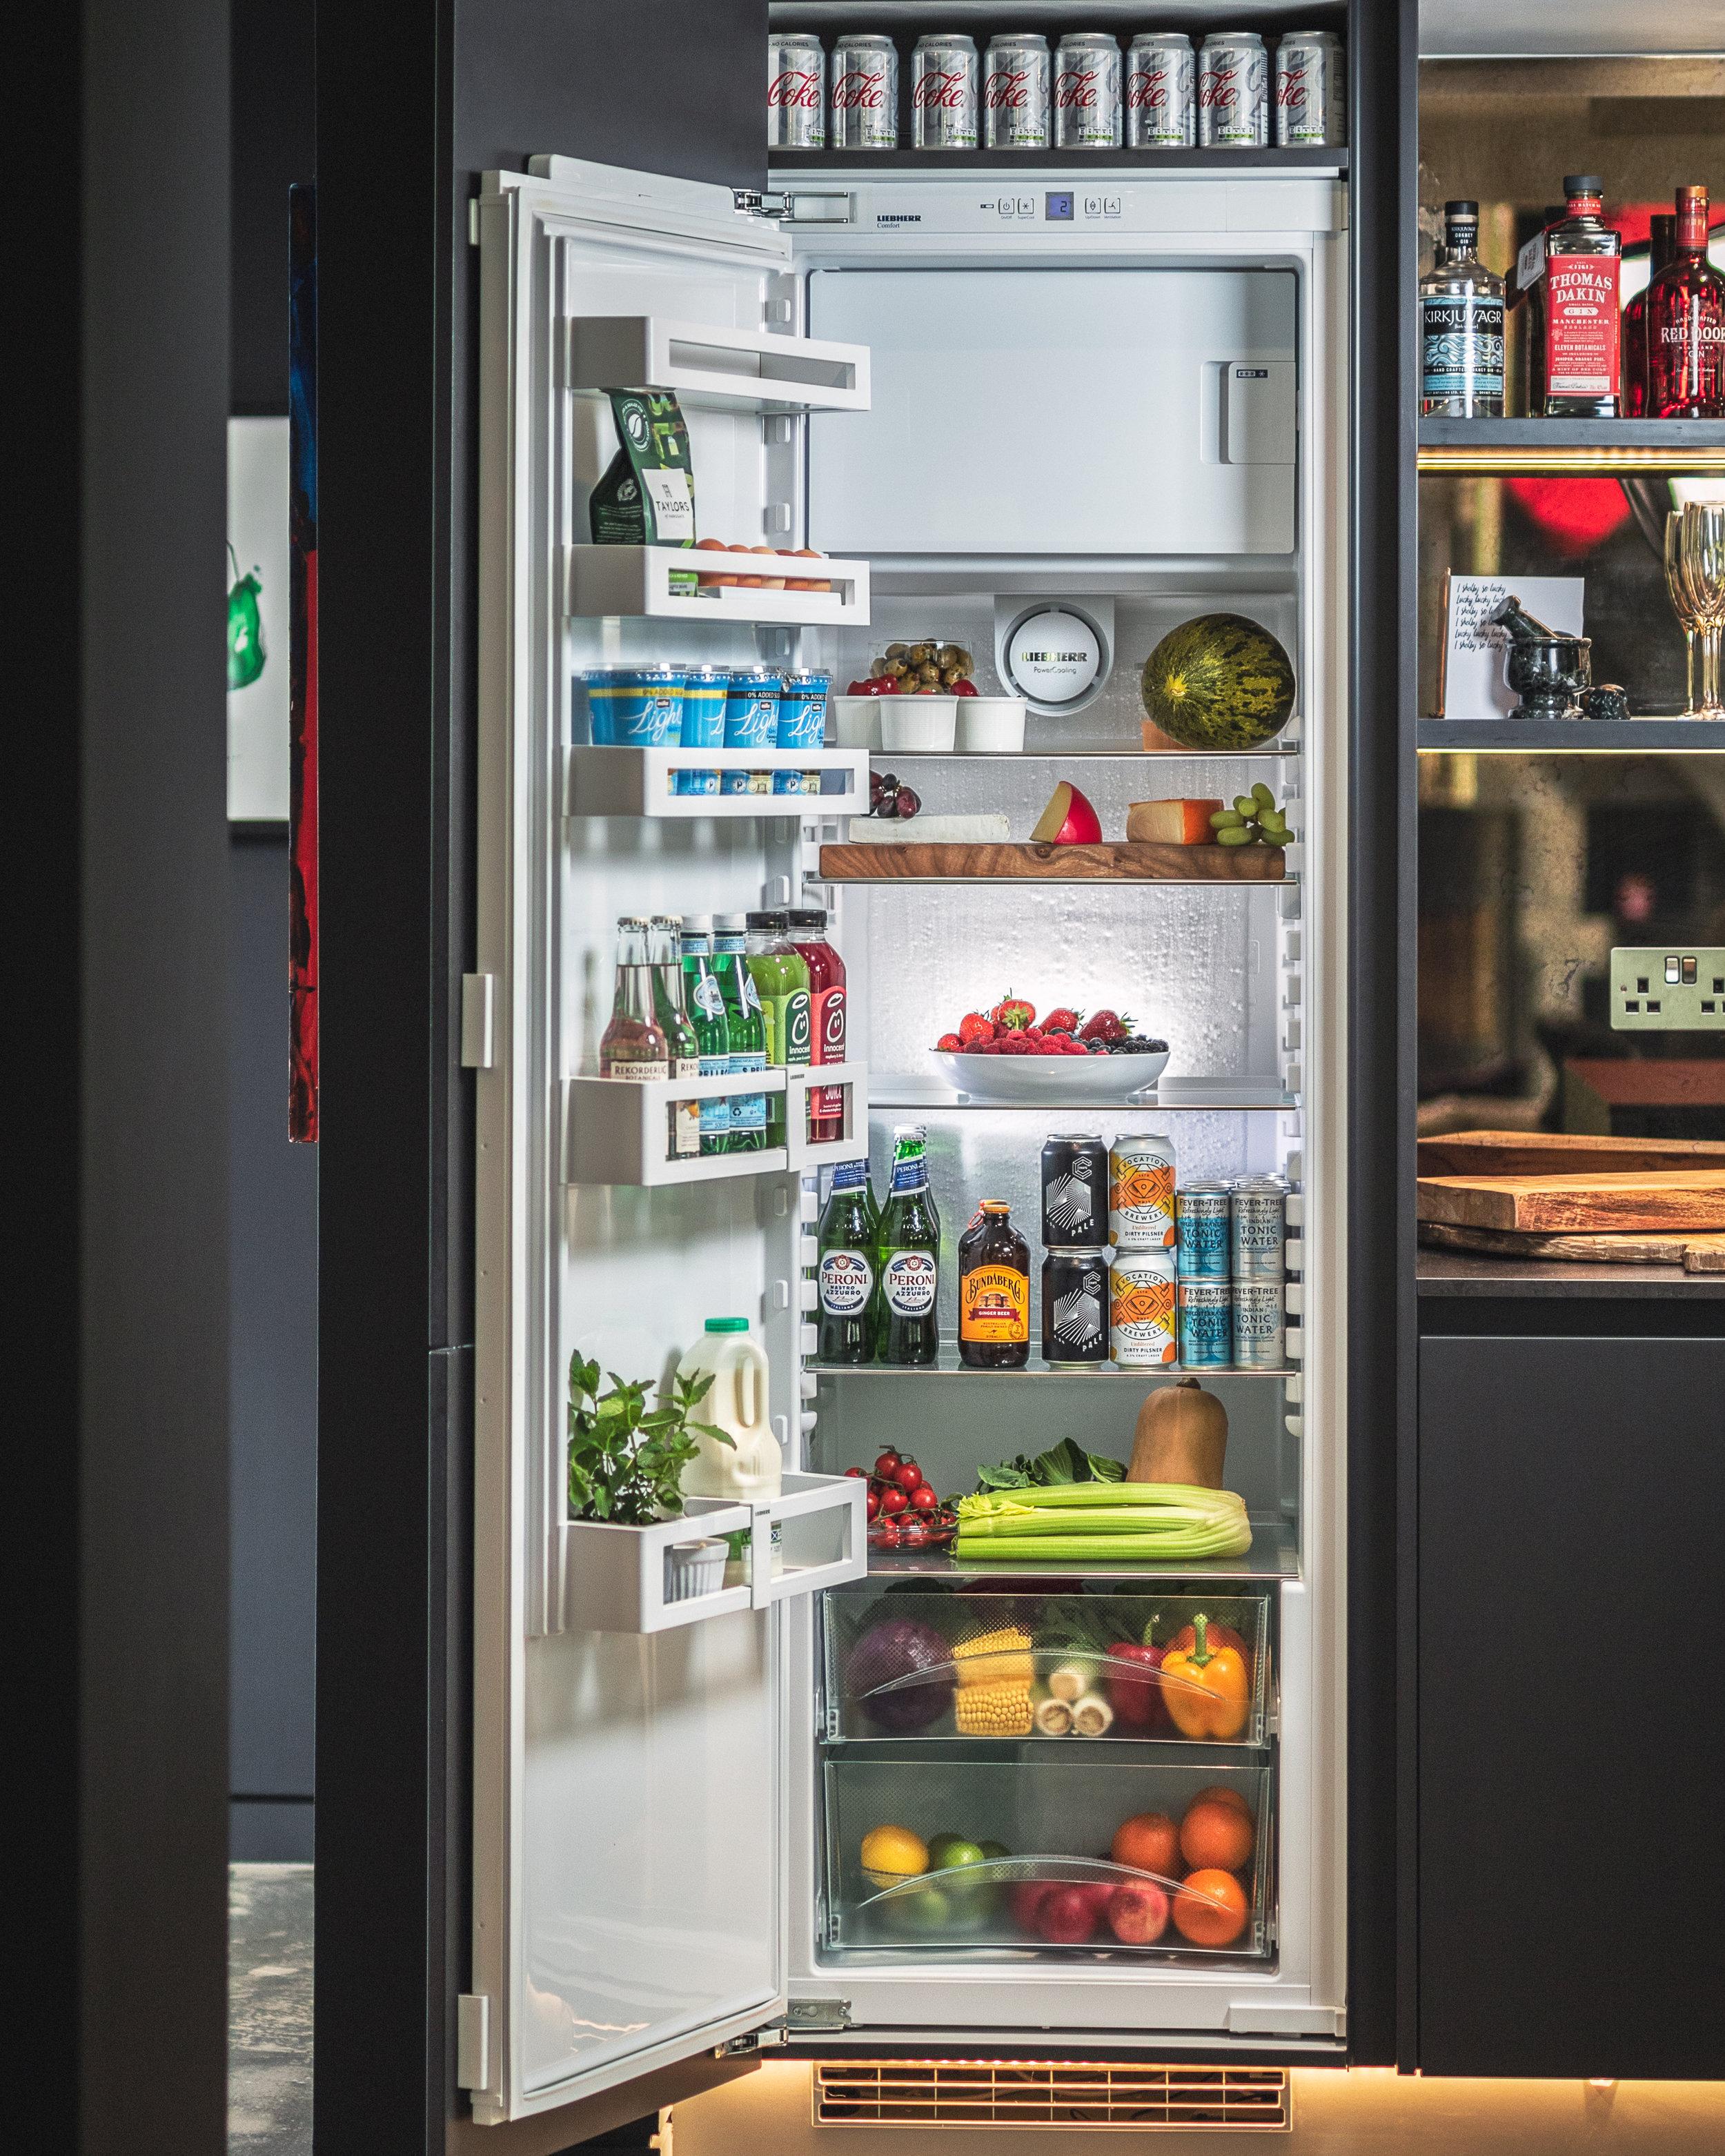 Liebher fridge - Commercial Product Photography. Glasgow based photographer. Portrait, corporate headshot, wedding photographer, interior photographer, commercial and content photography Scotland. Copyright @cursetheseeyes www.cursetheseeyes.com